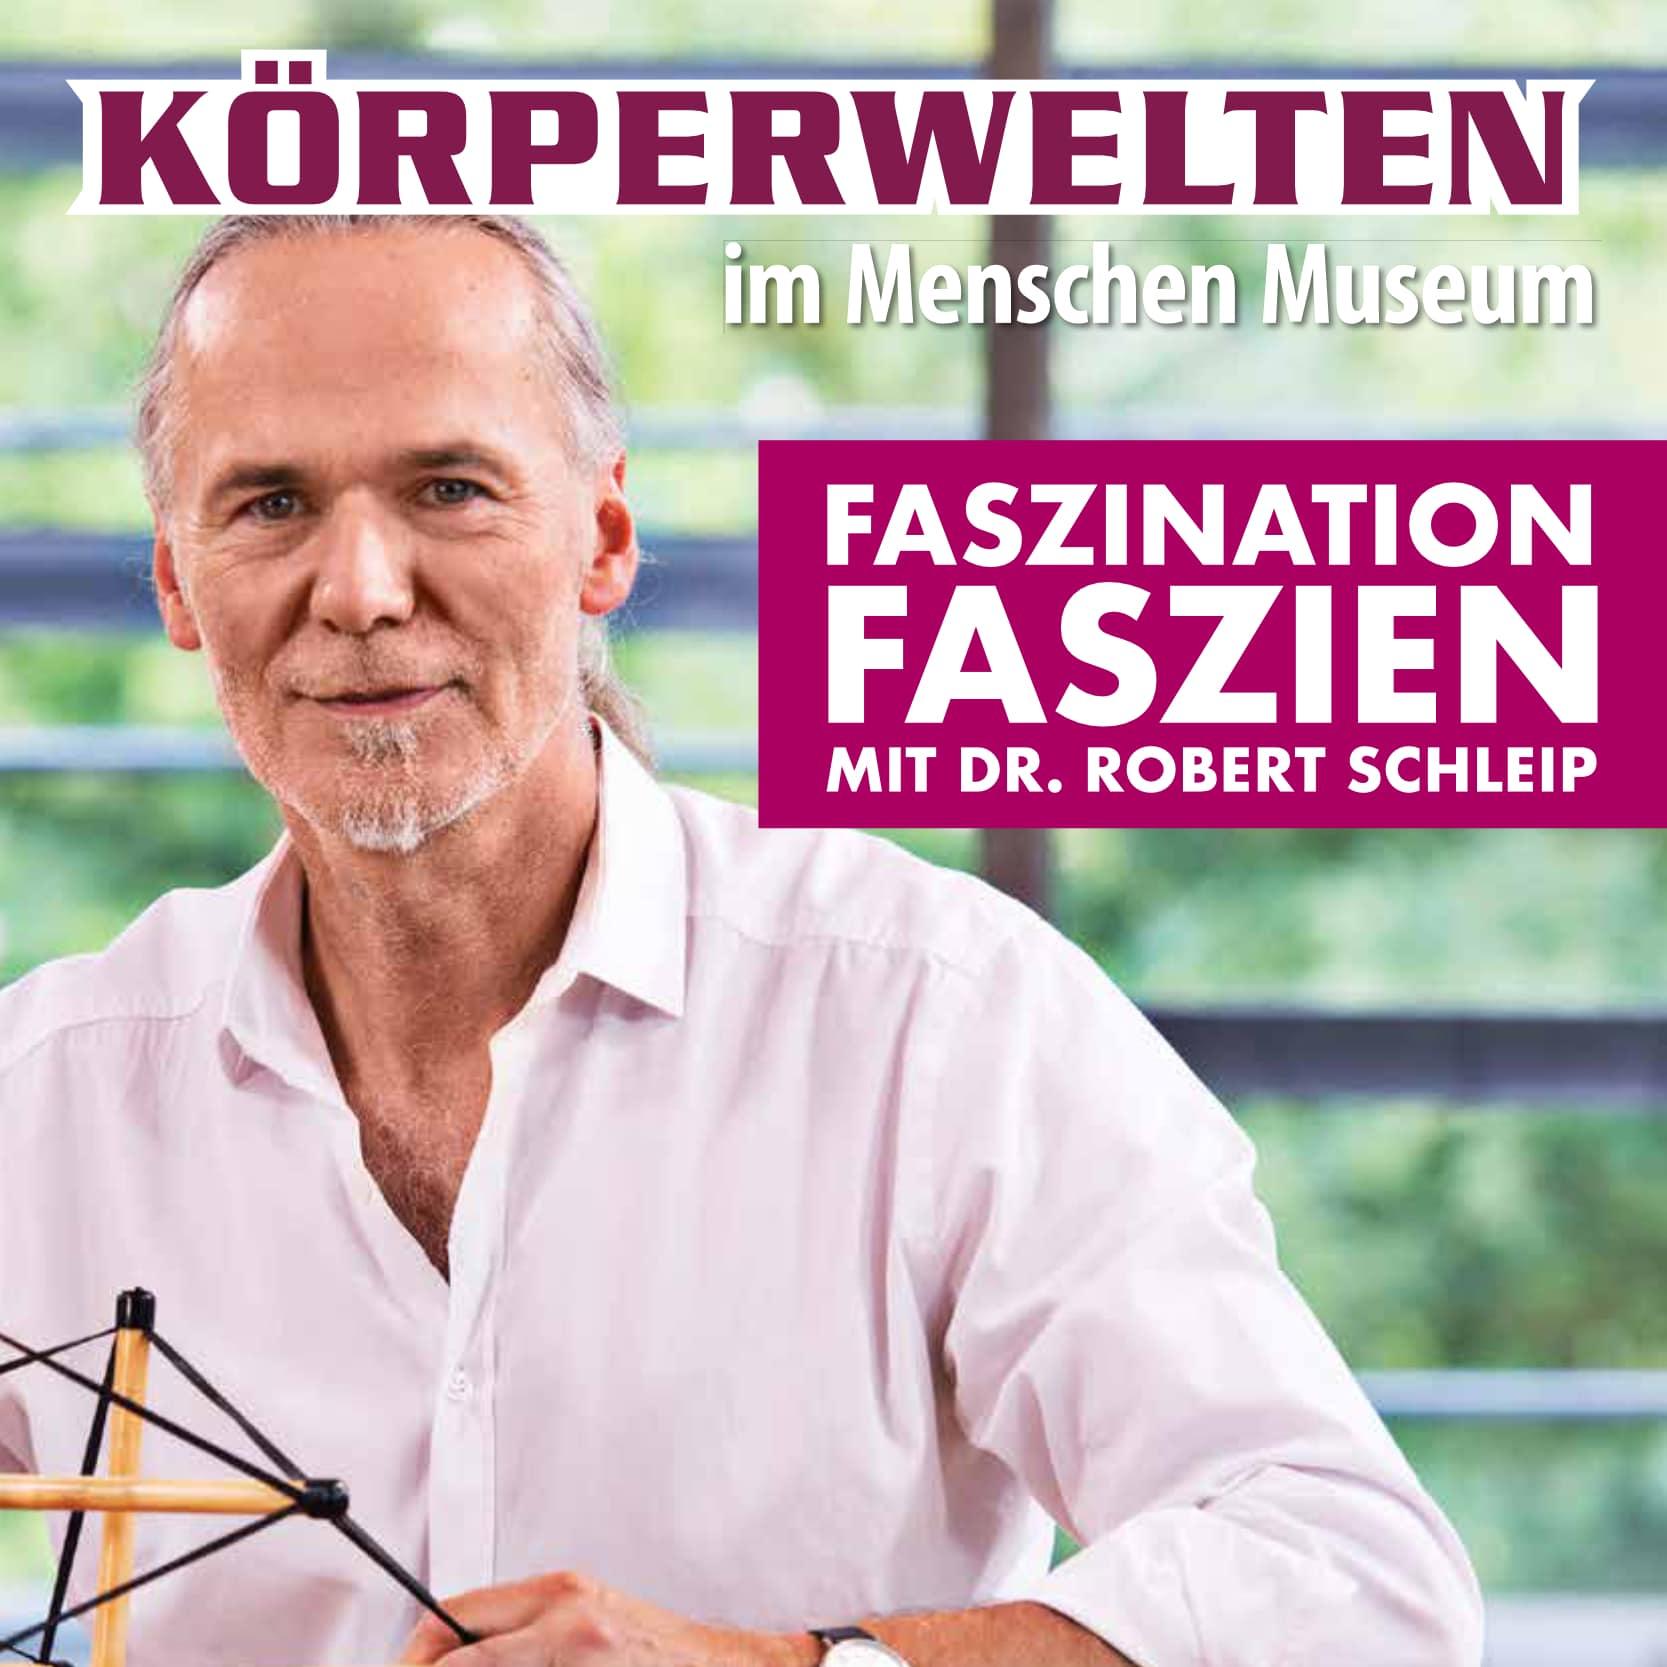 Faszination Faszien Berlin Dr. Robert Schleip - KÖRPERWELTEN Berlin